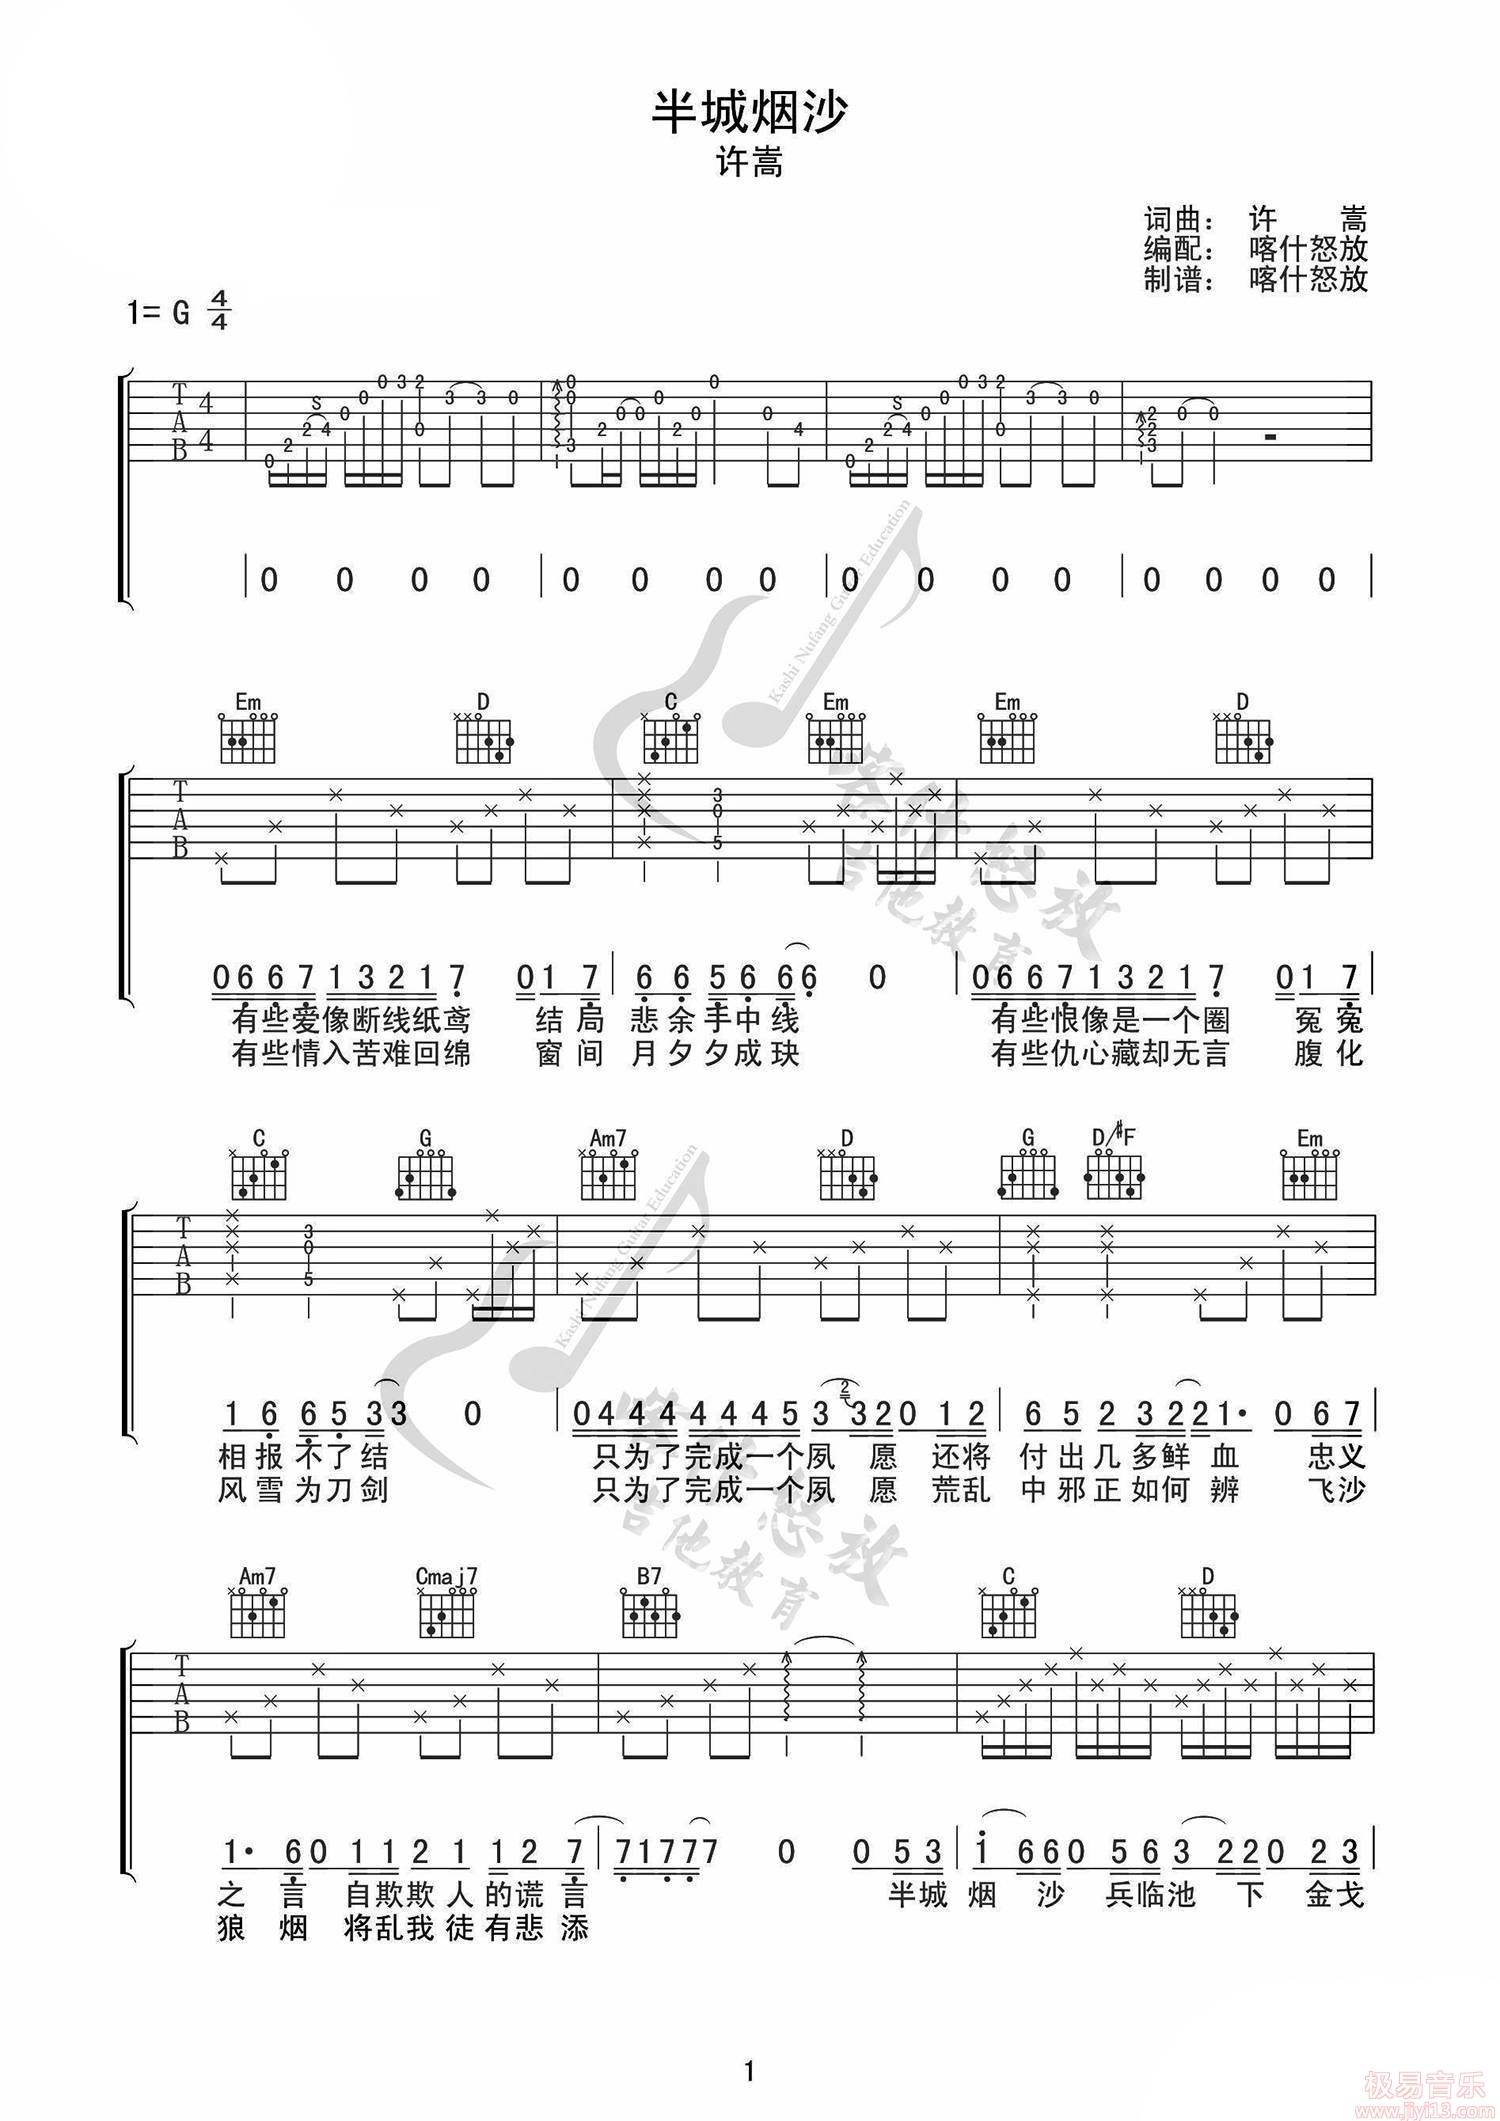 许嵩《半城烟沙》高清吉他弹唱谱G调完美版原版编配+视频示范